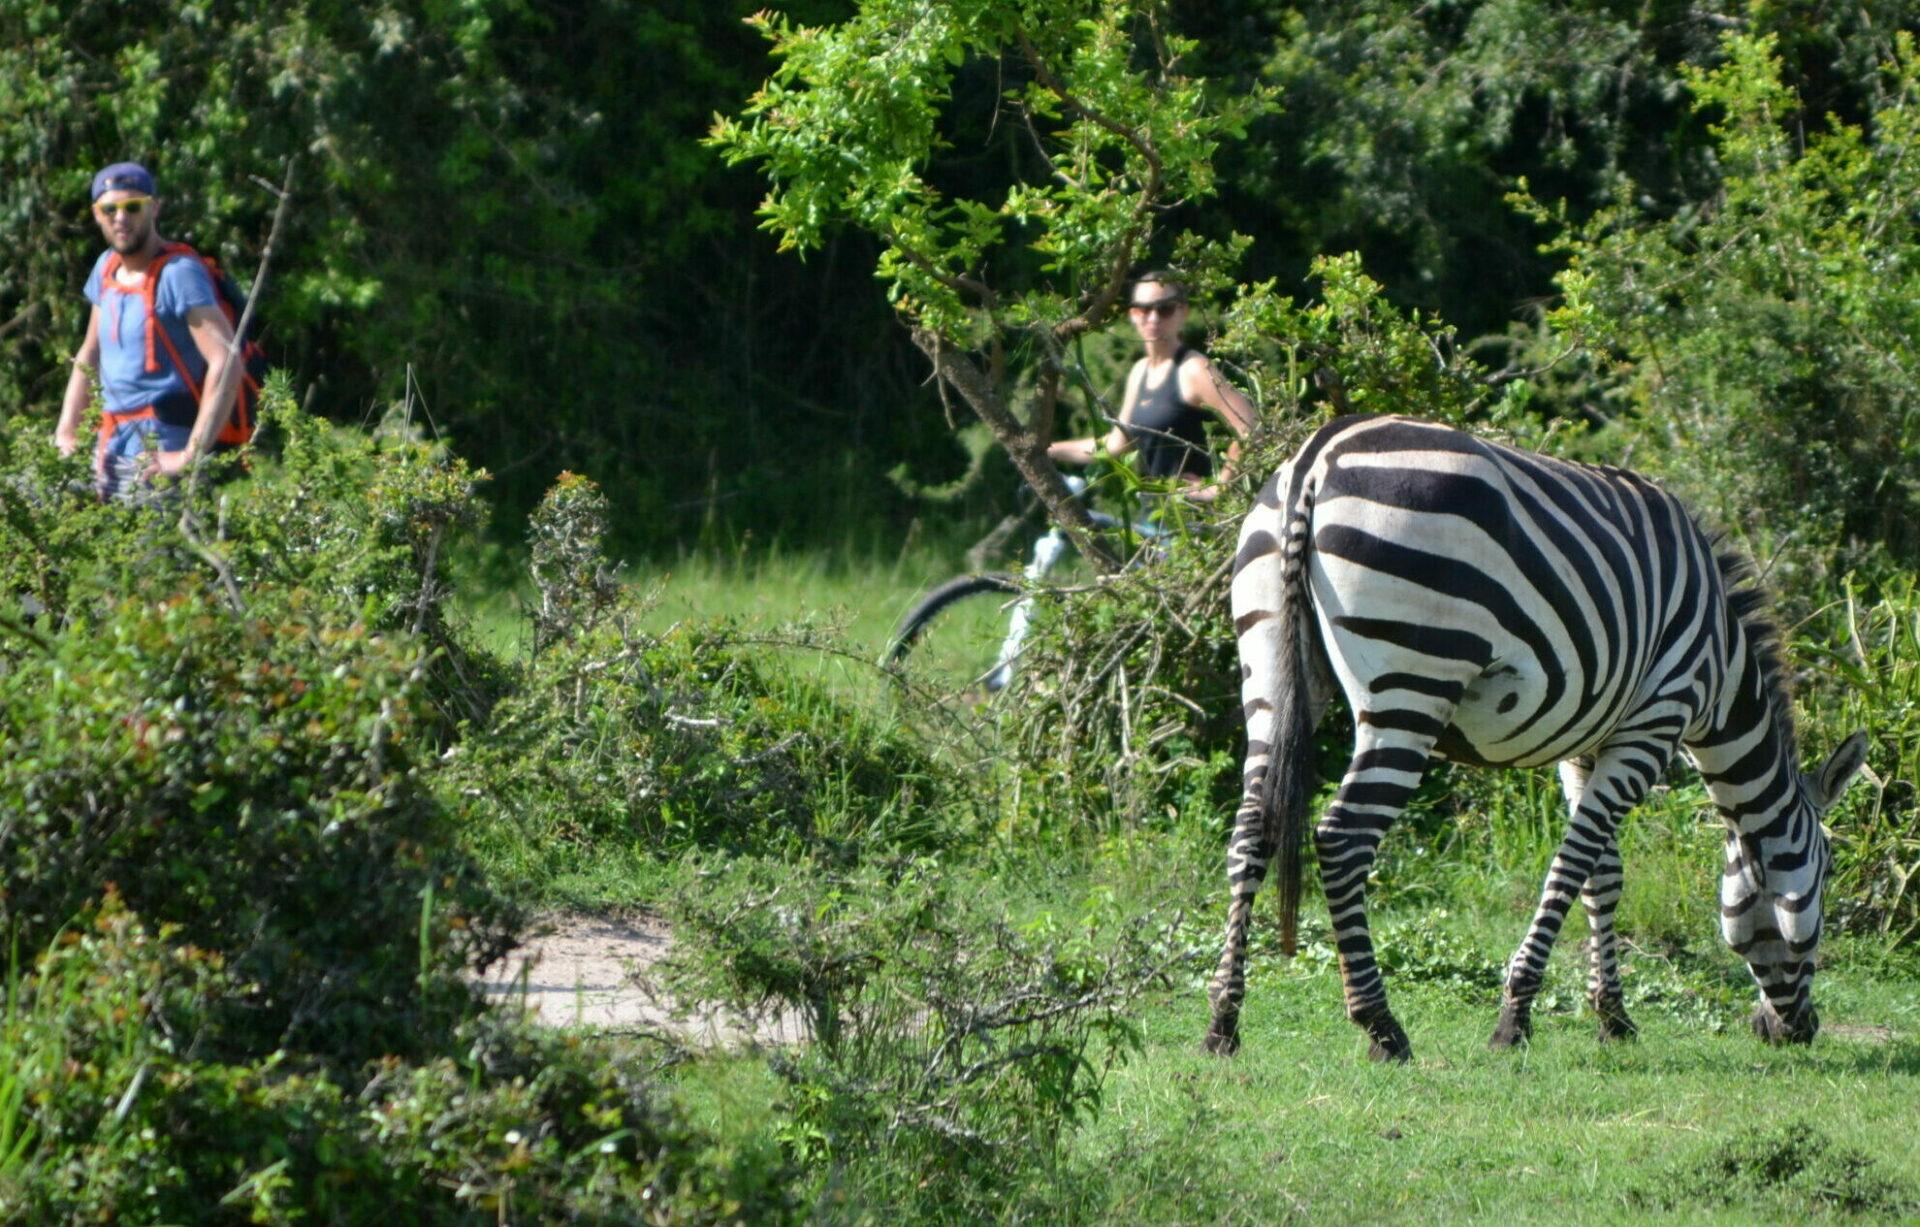 cycle between the zebras